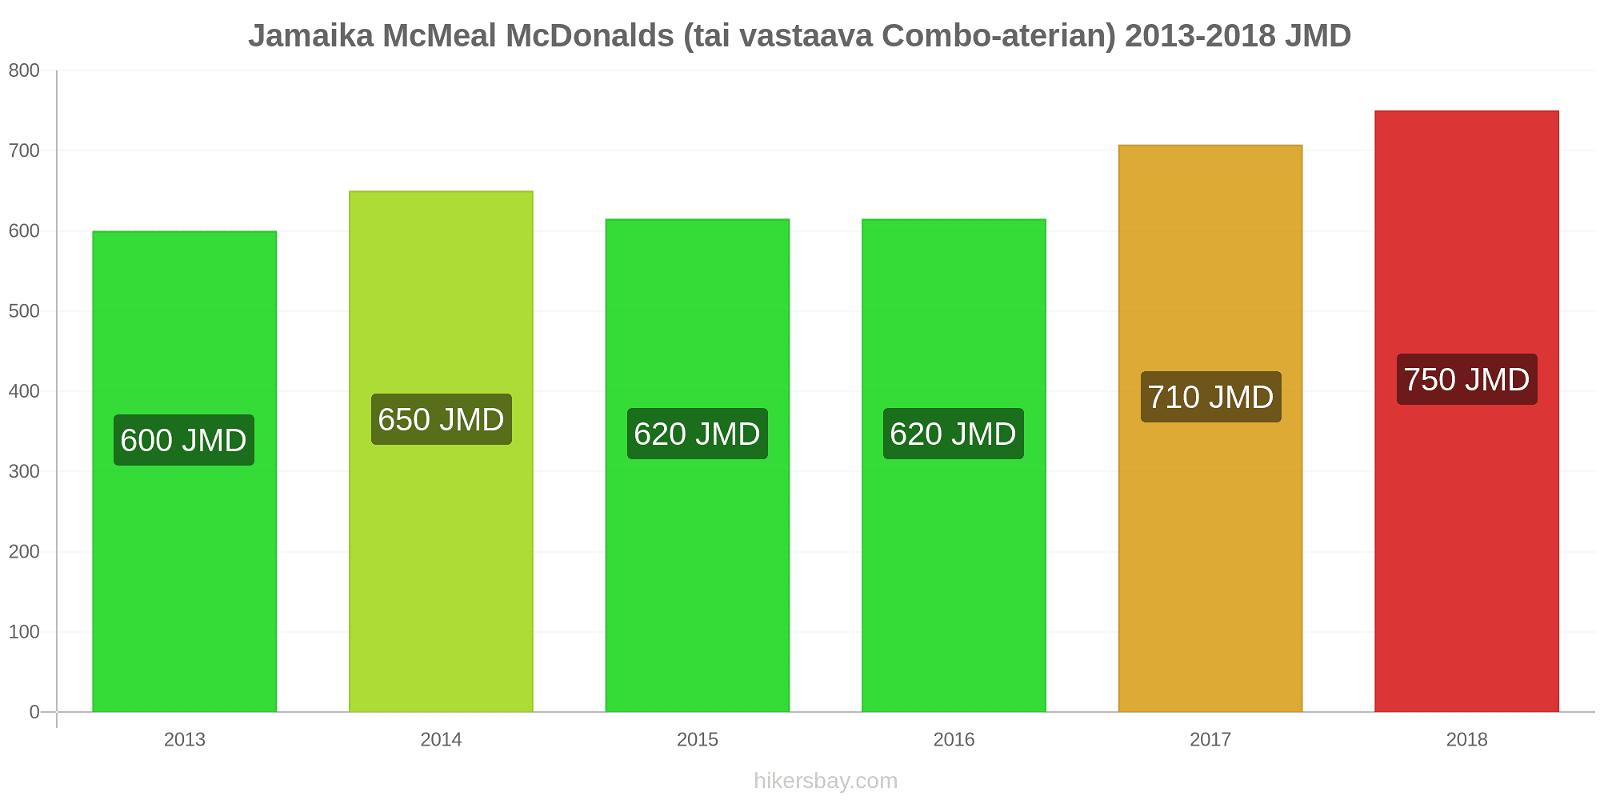 Jamaika hintojen muutokset McMeal McDonalds (tai vastaava Combo-aterian) hikersbay.com